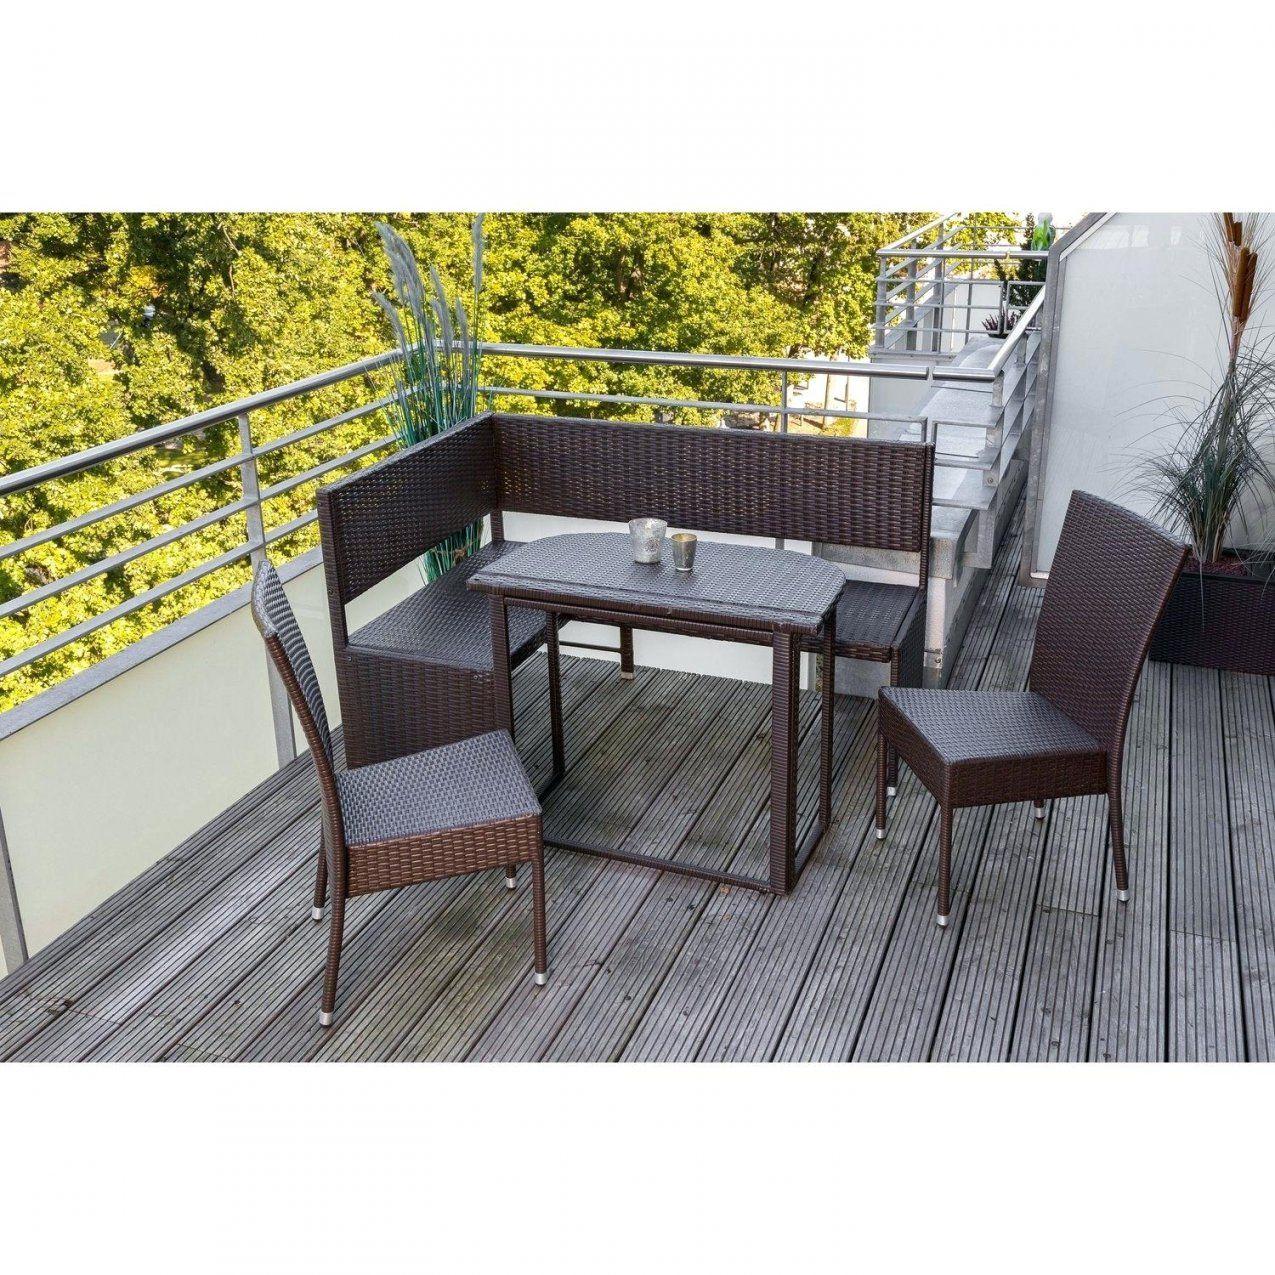 Eckbank Terrasse Awesome Bequeme With Fur Selber Bauen Gartenmobel von Eckbank Garten Selber Bauen Bild